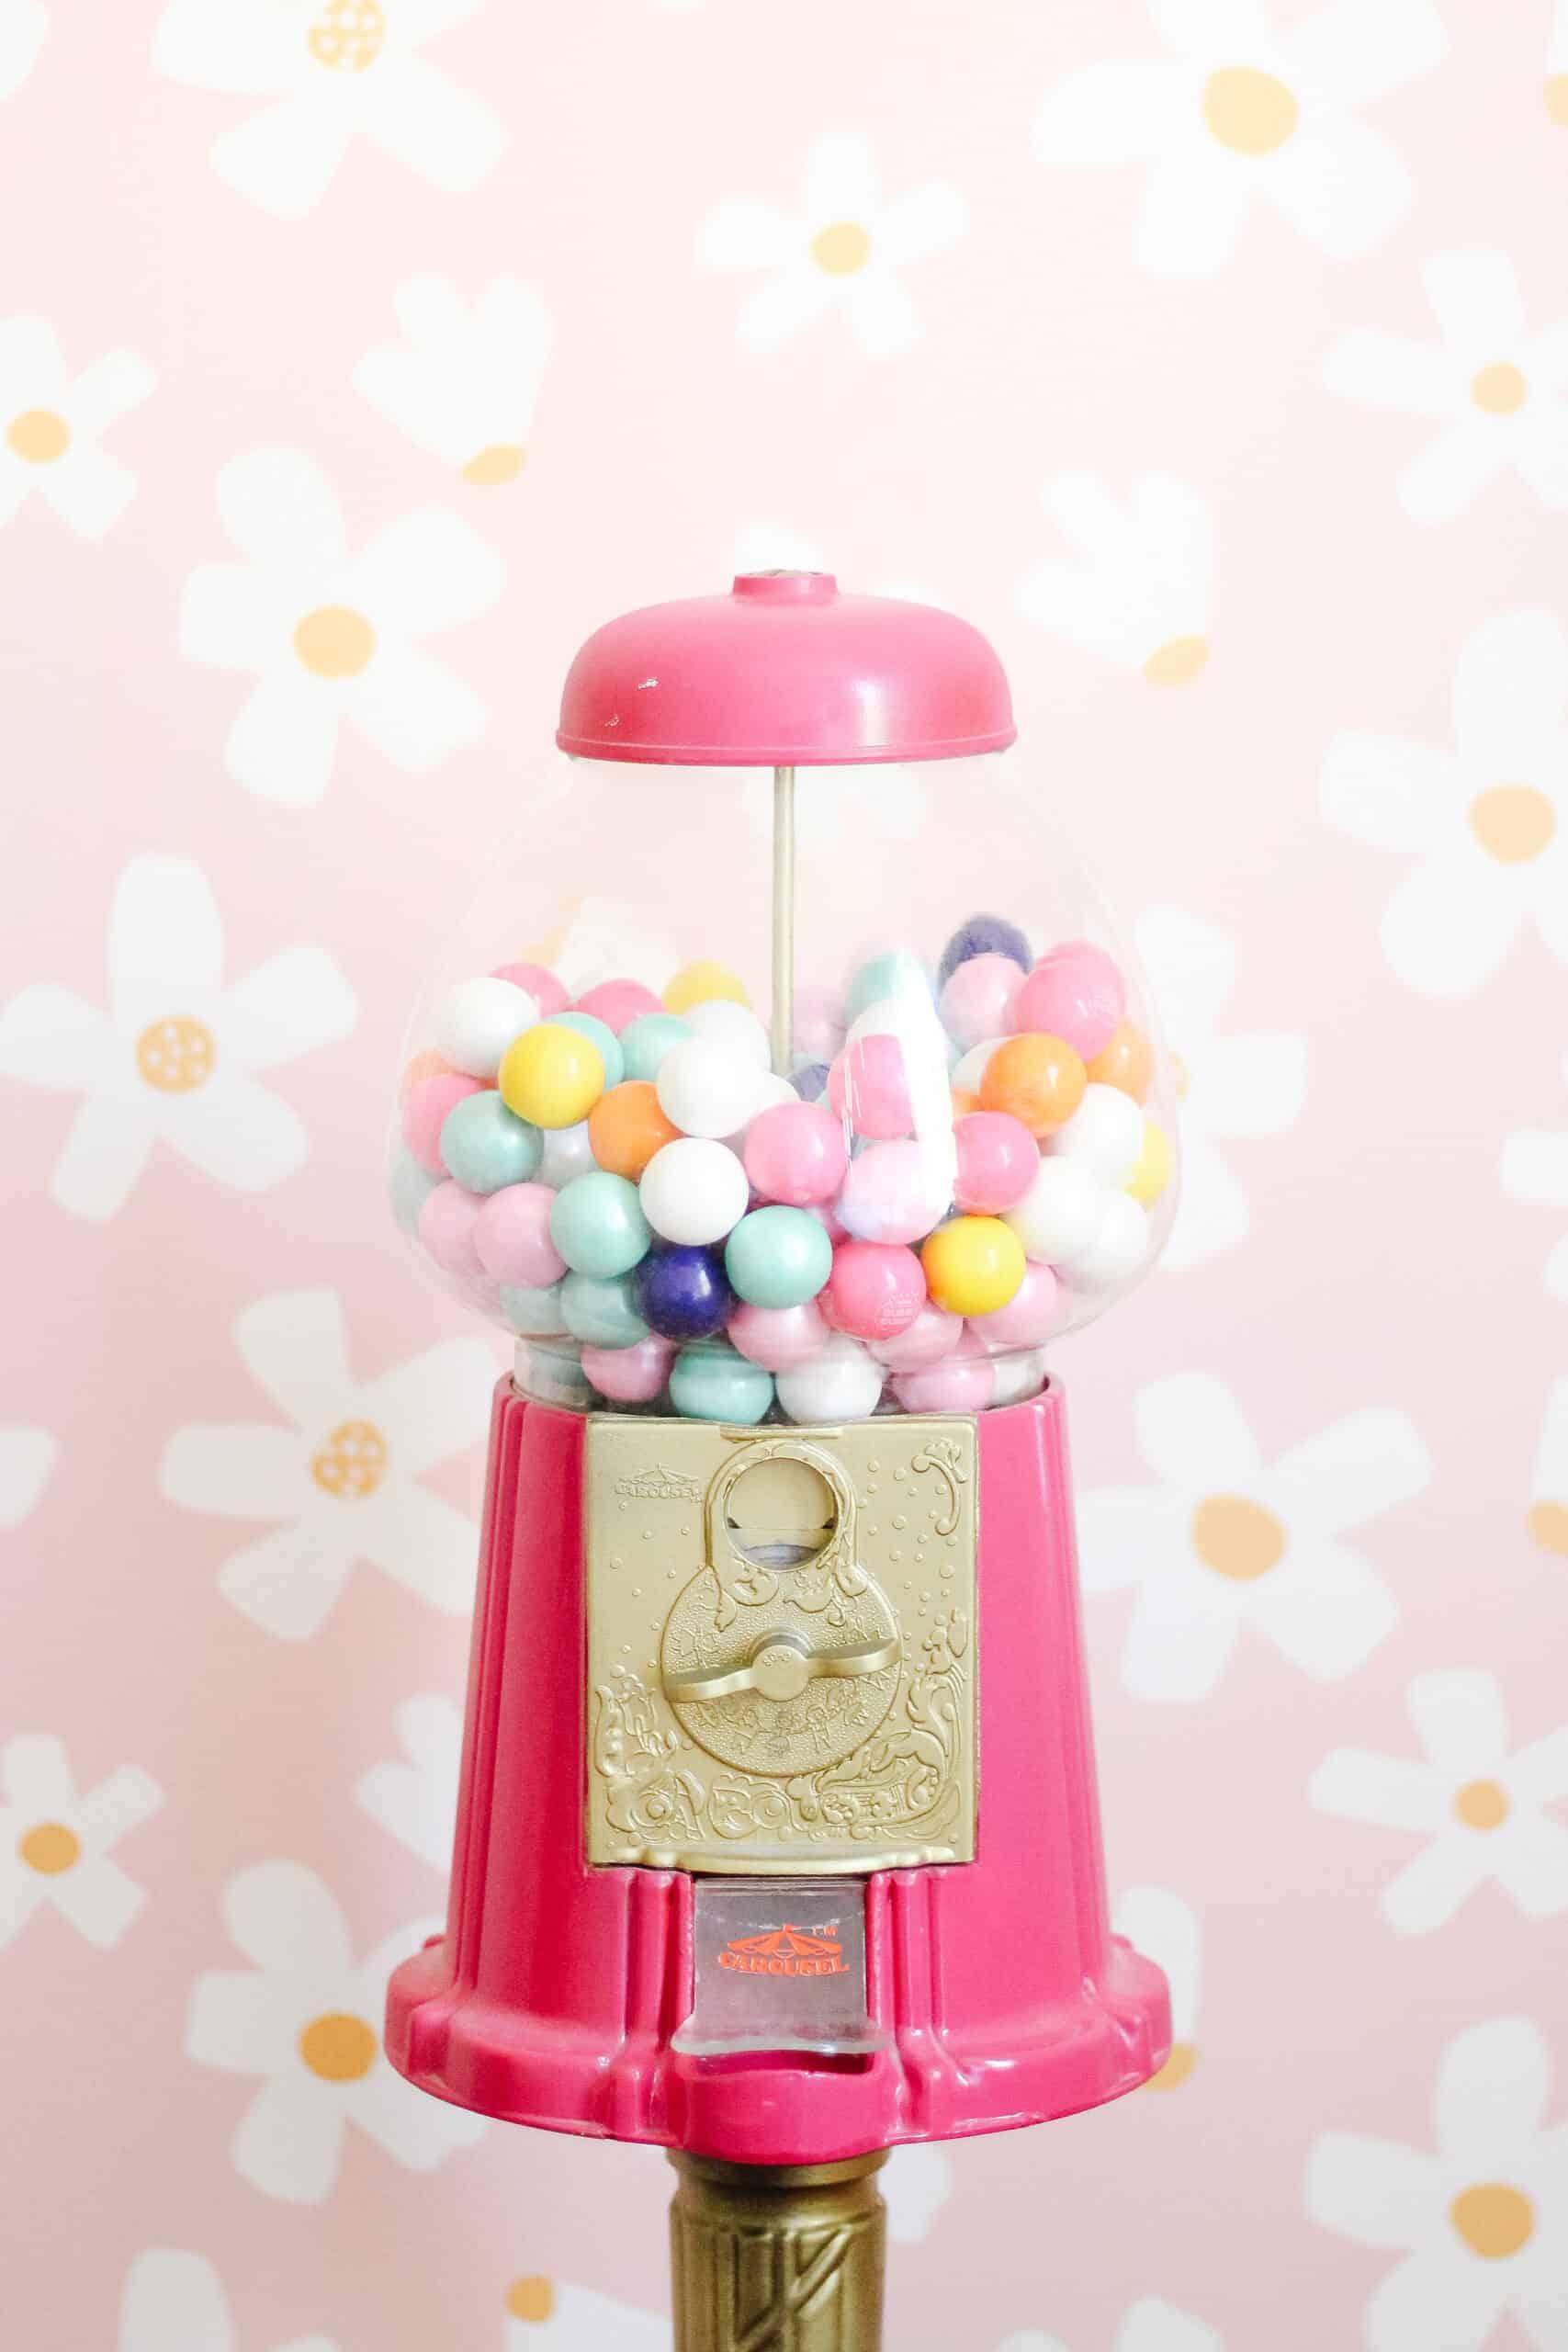 pink gum machine